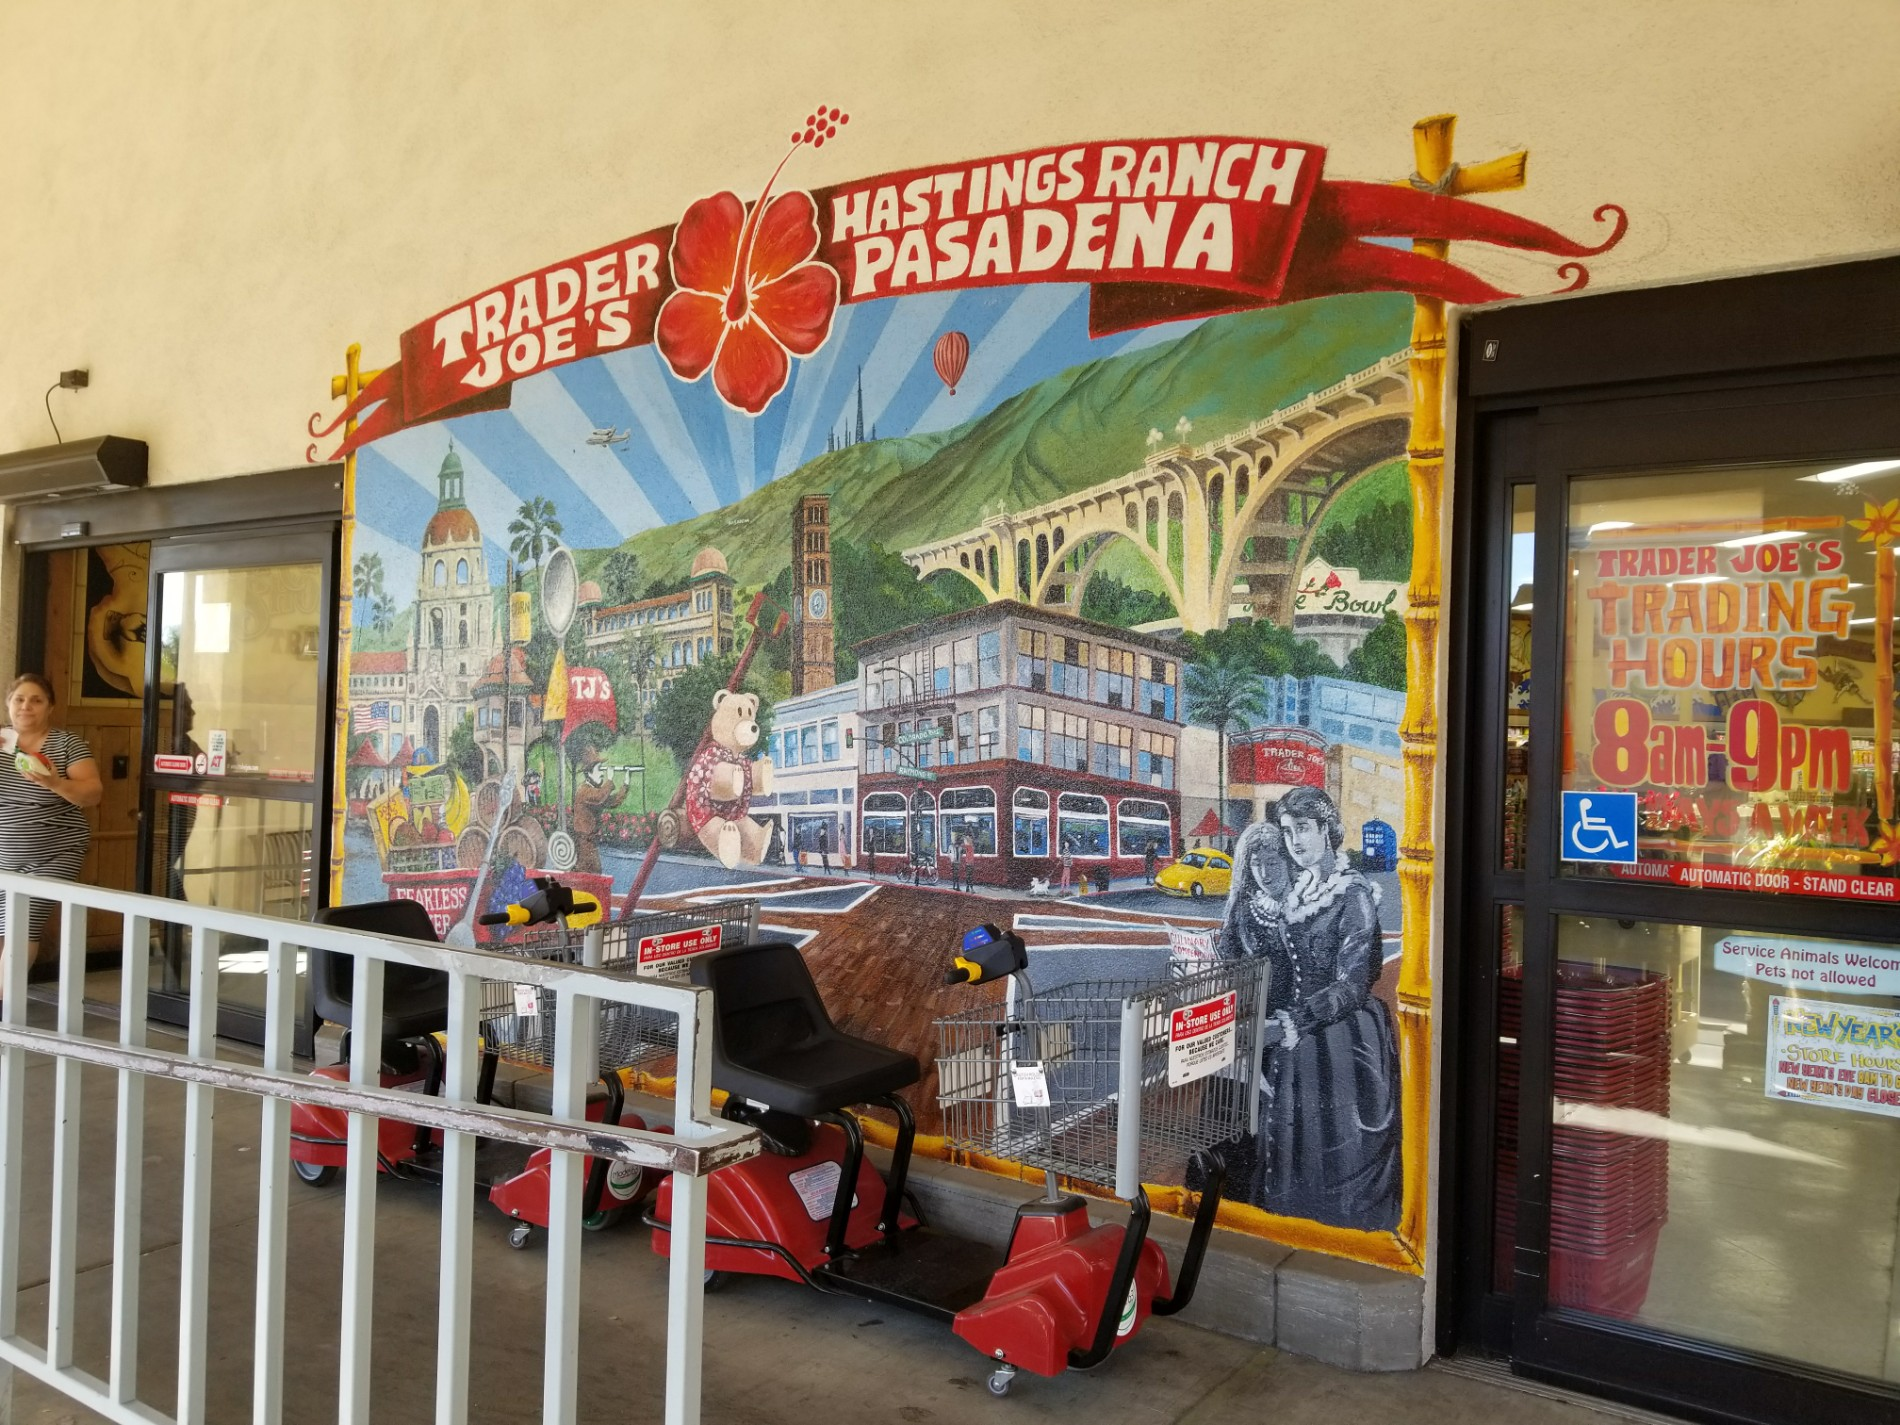 The Pasadena Mural at the Hastings Ranch Trader Joe's